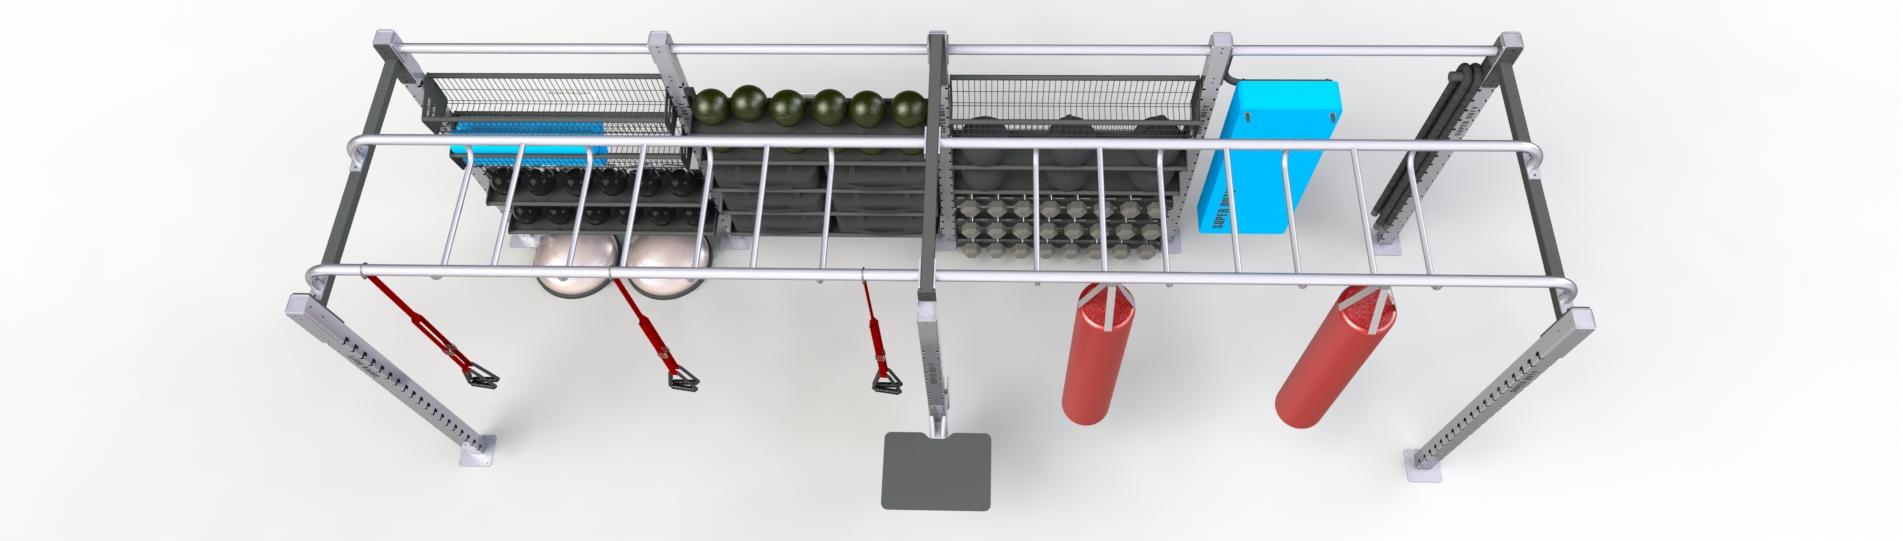 Super Duty Storage Rig